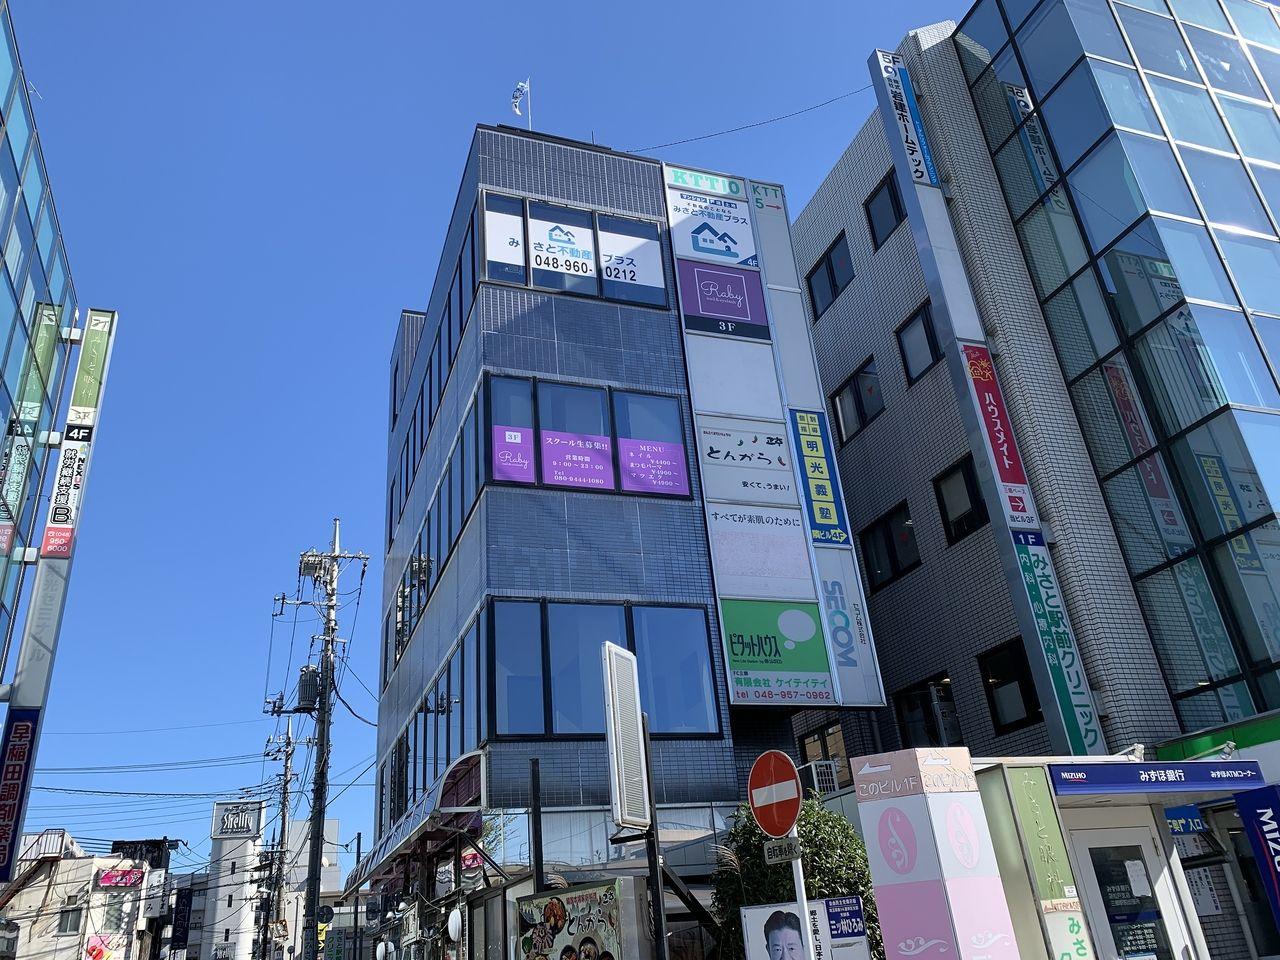 みさと不動産プラスは三郷駅からすぐ近くのビル内にあり通いやすいと好評をいただいています♪